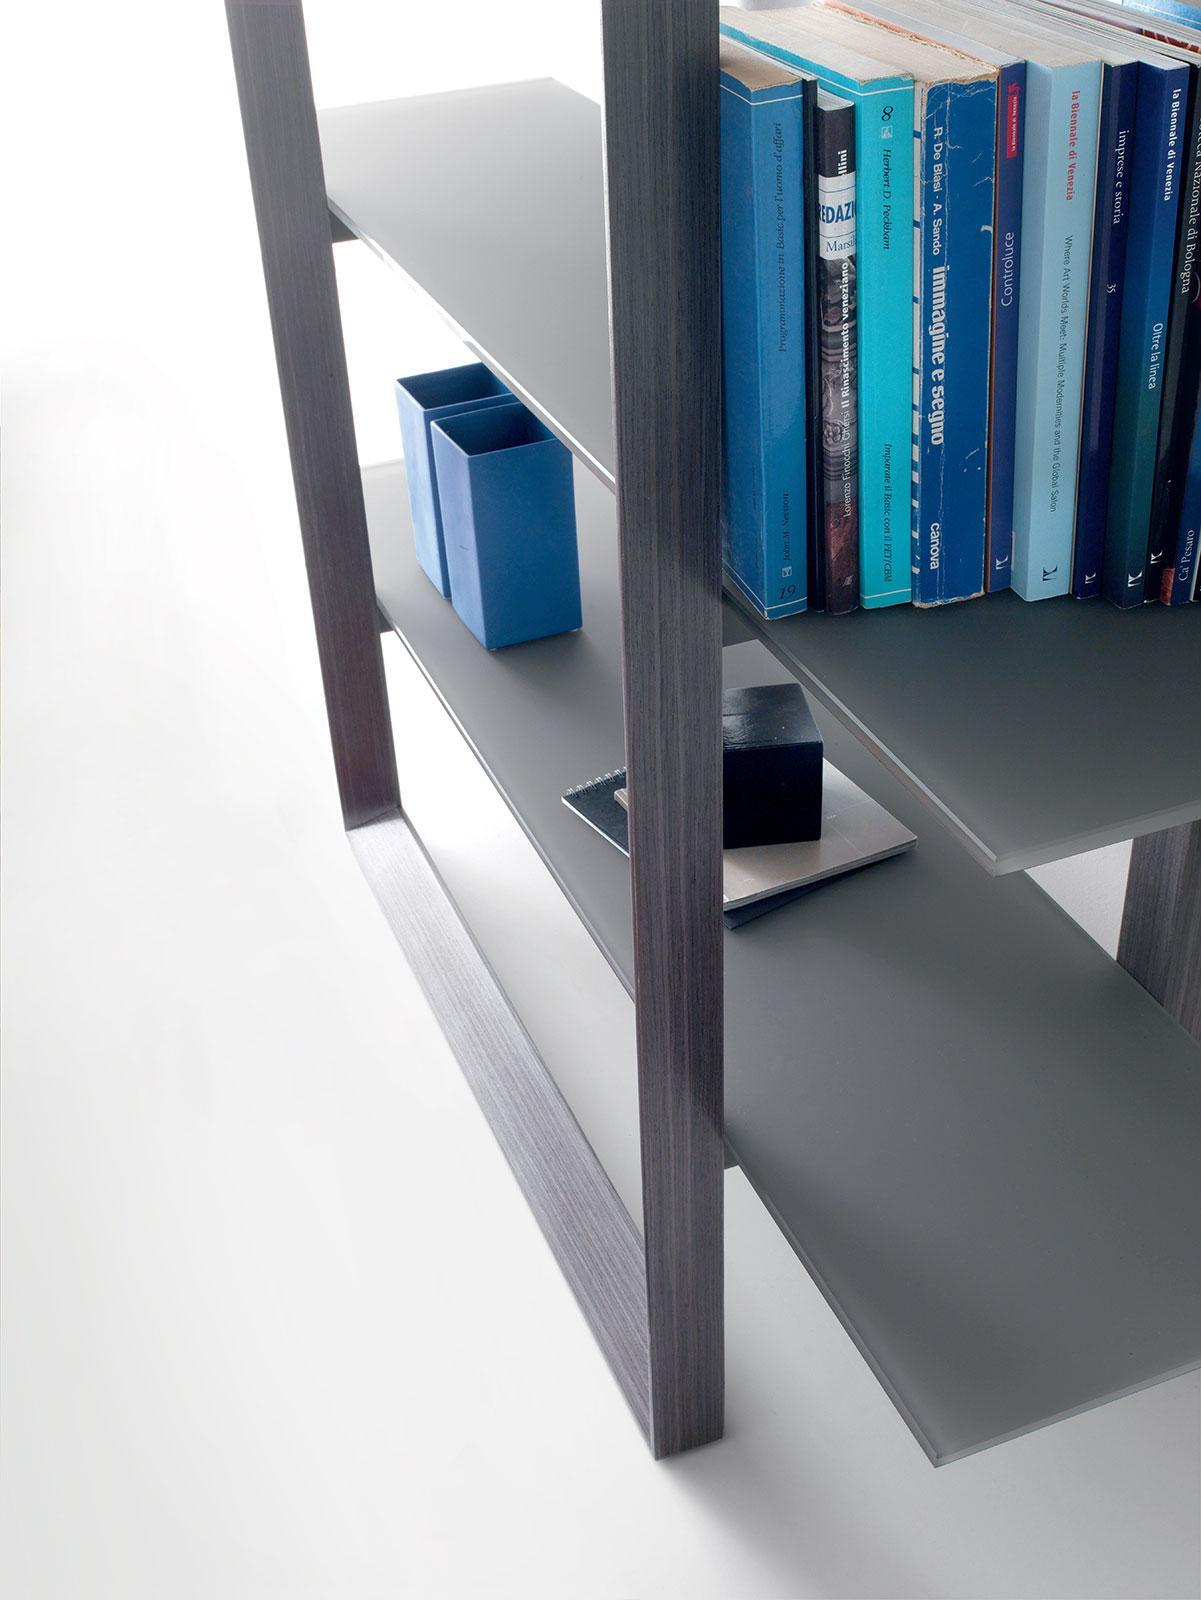 libreria biblioteca arredamento casa ufficio on line moderno di lusso 2015 design inspiration web made in italy mensole legno vetro rovere tortora grigio